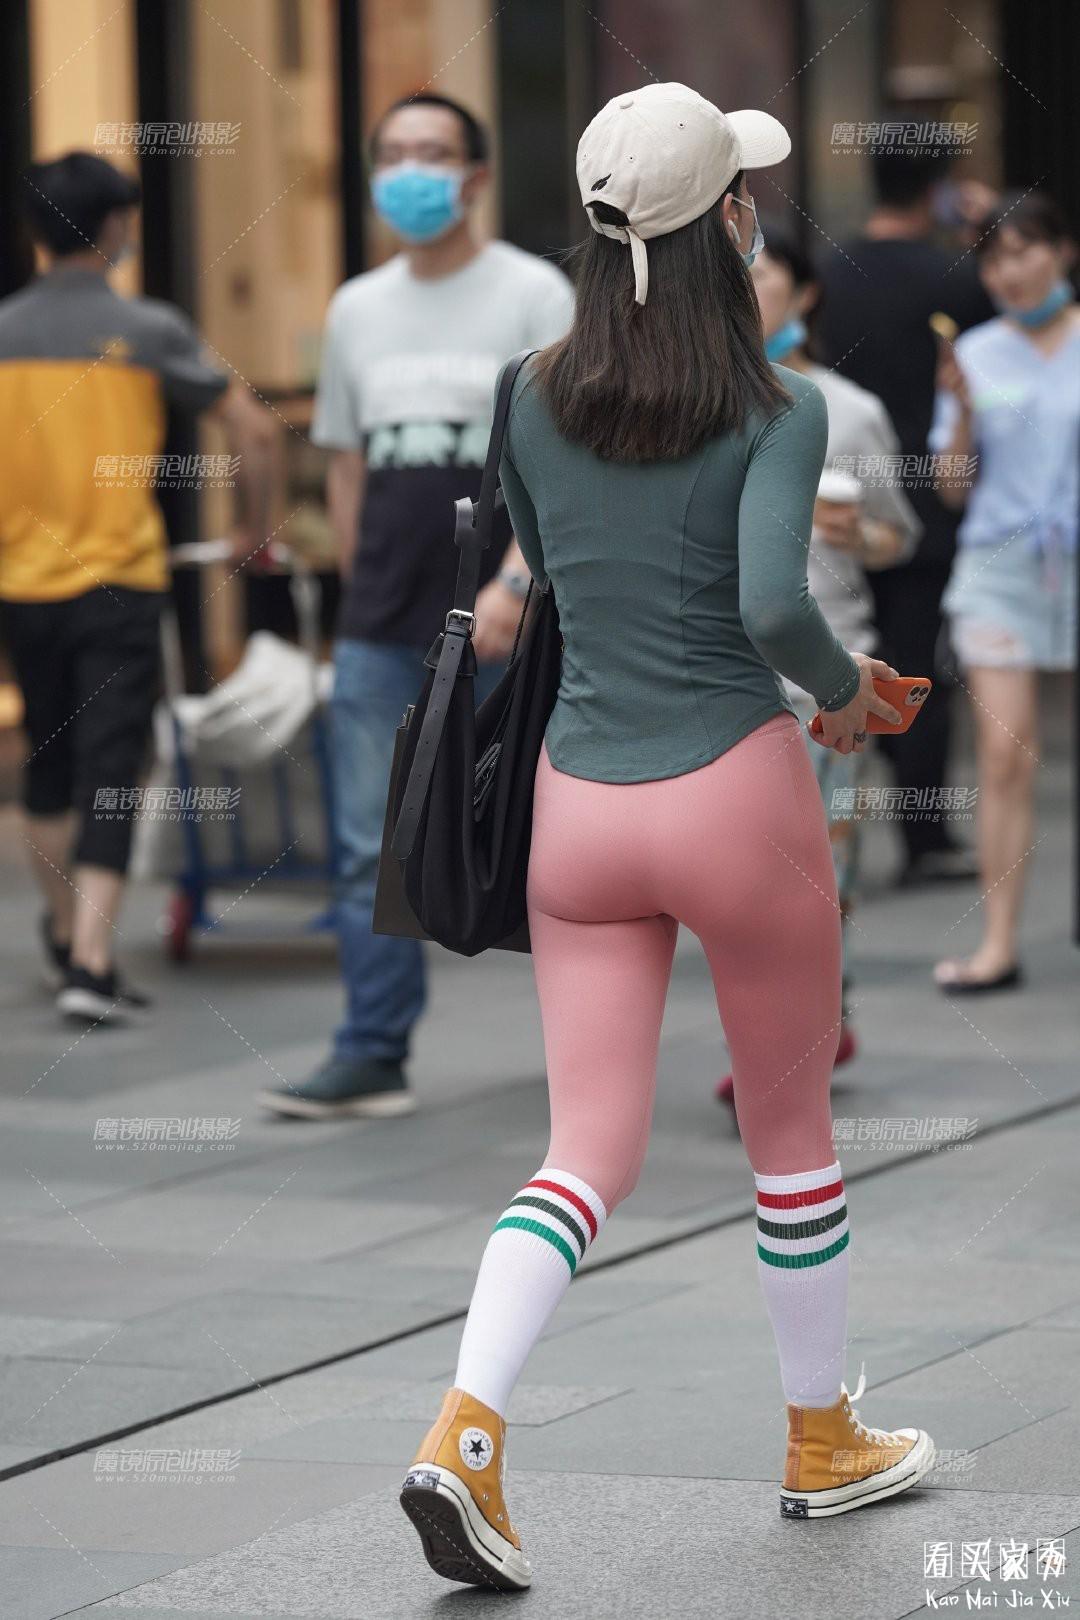 [街拍美女]性感紧身无痕运动裤,时尚休闲,凸显身材的美4